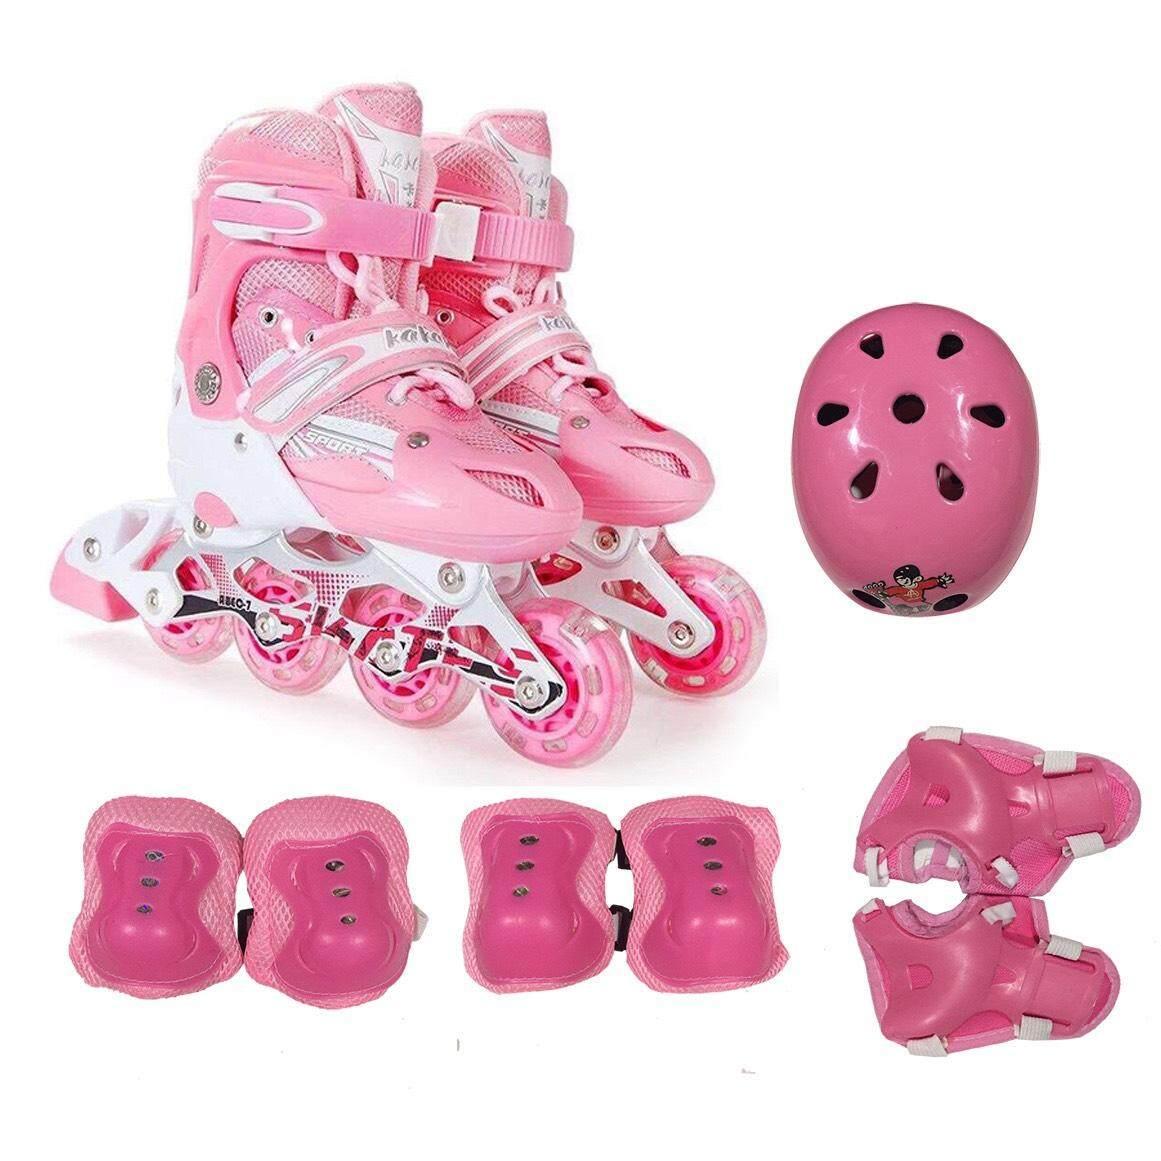 รองเท้าสเก็ต โรลเลอร์เบลด (roller Blade) Size S-31-34 สีชมพู พร้อมชุดป้องกัน6ชิ้นและหมวก1ใบ.